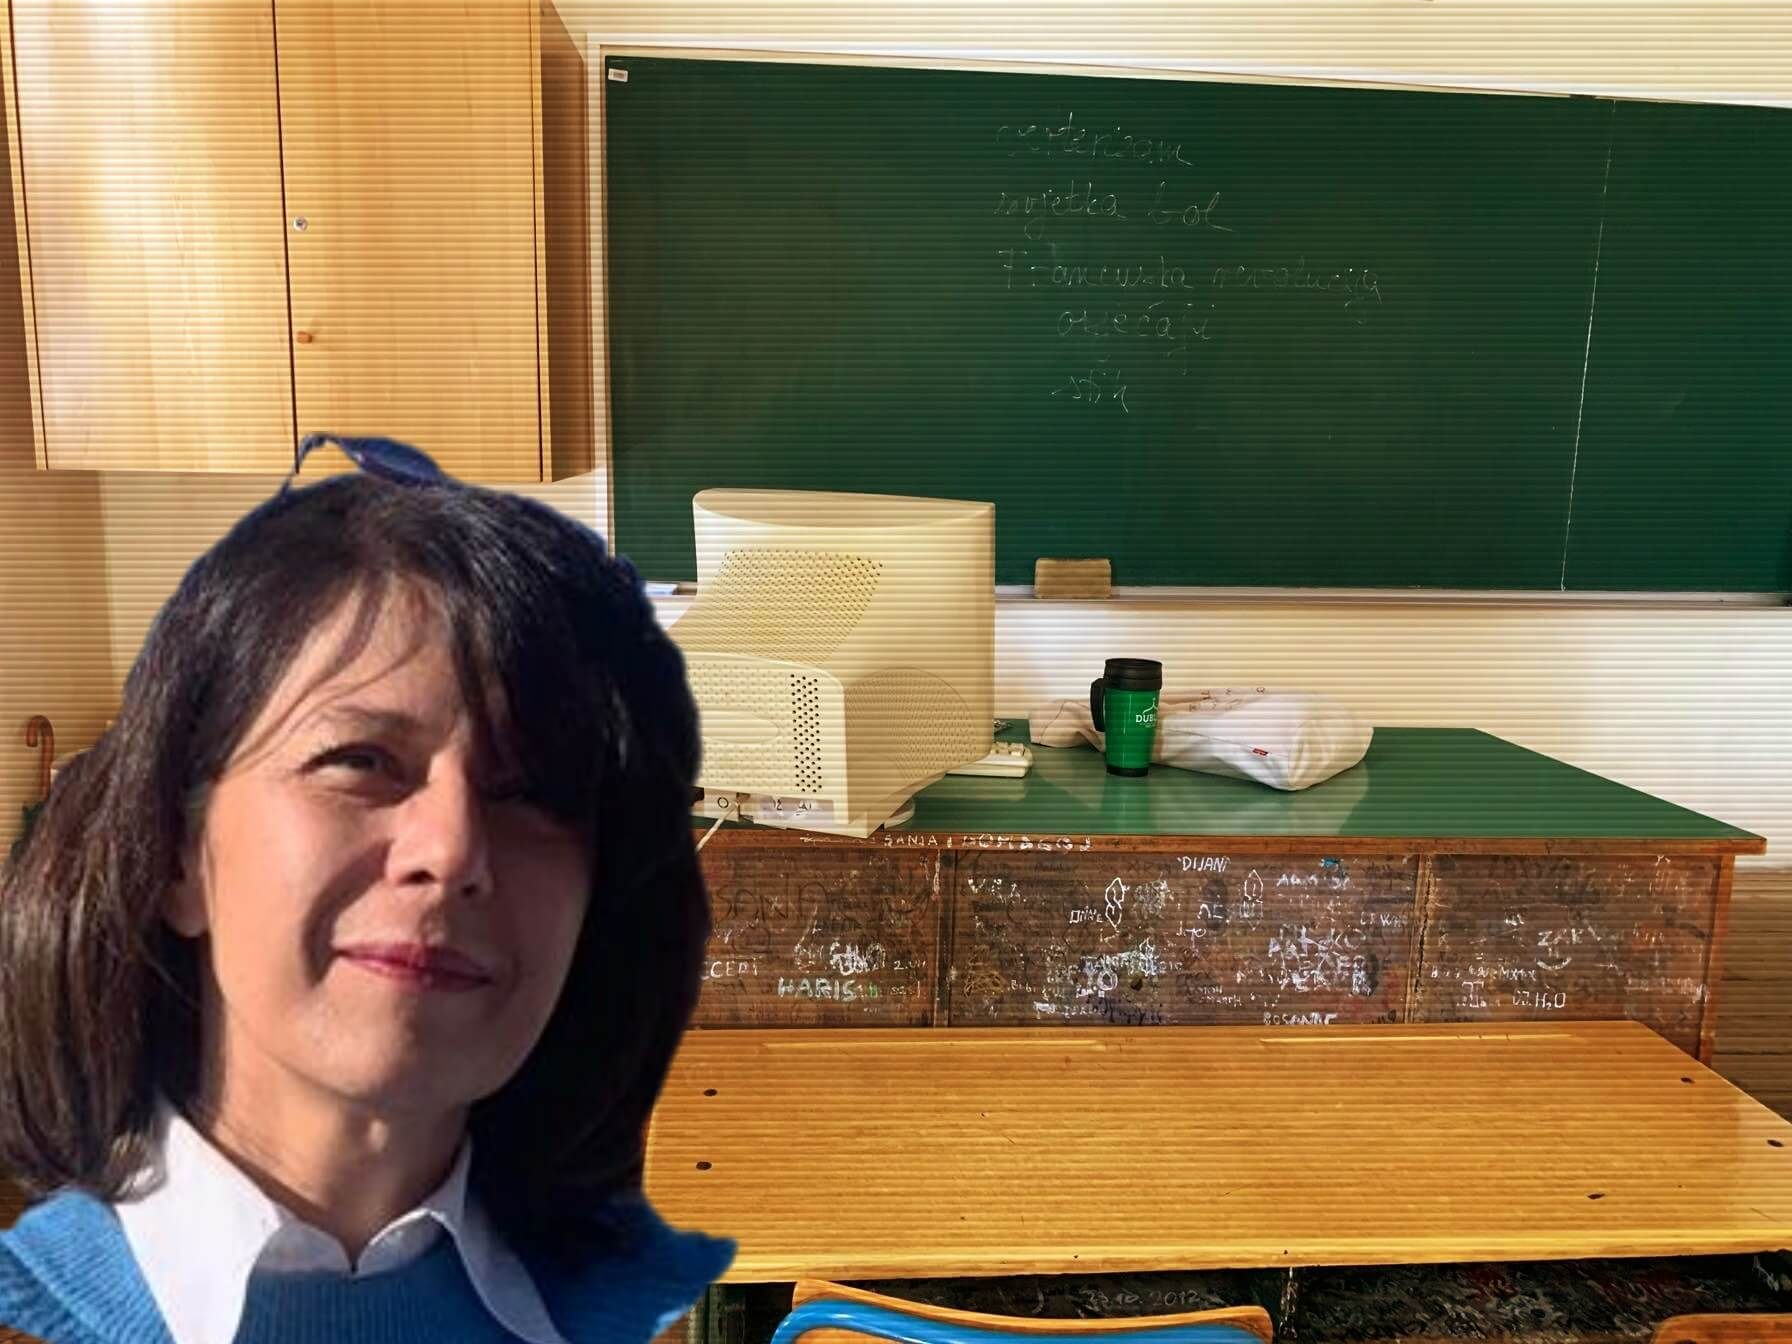 'Što je nama naša borba dala?': Profesorica opisala kakve su posljedice štrajka